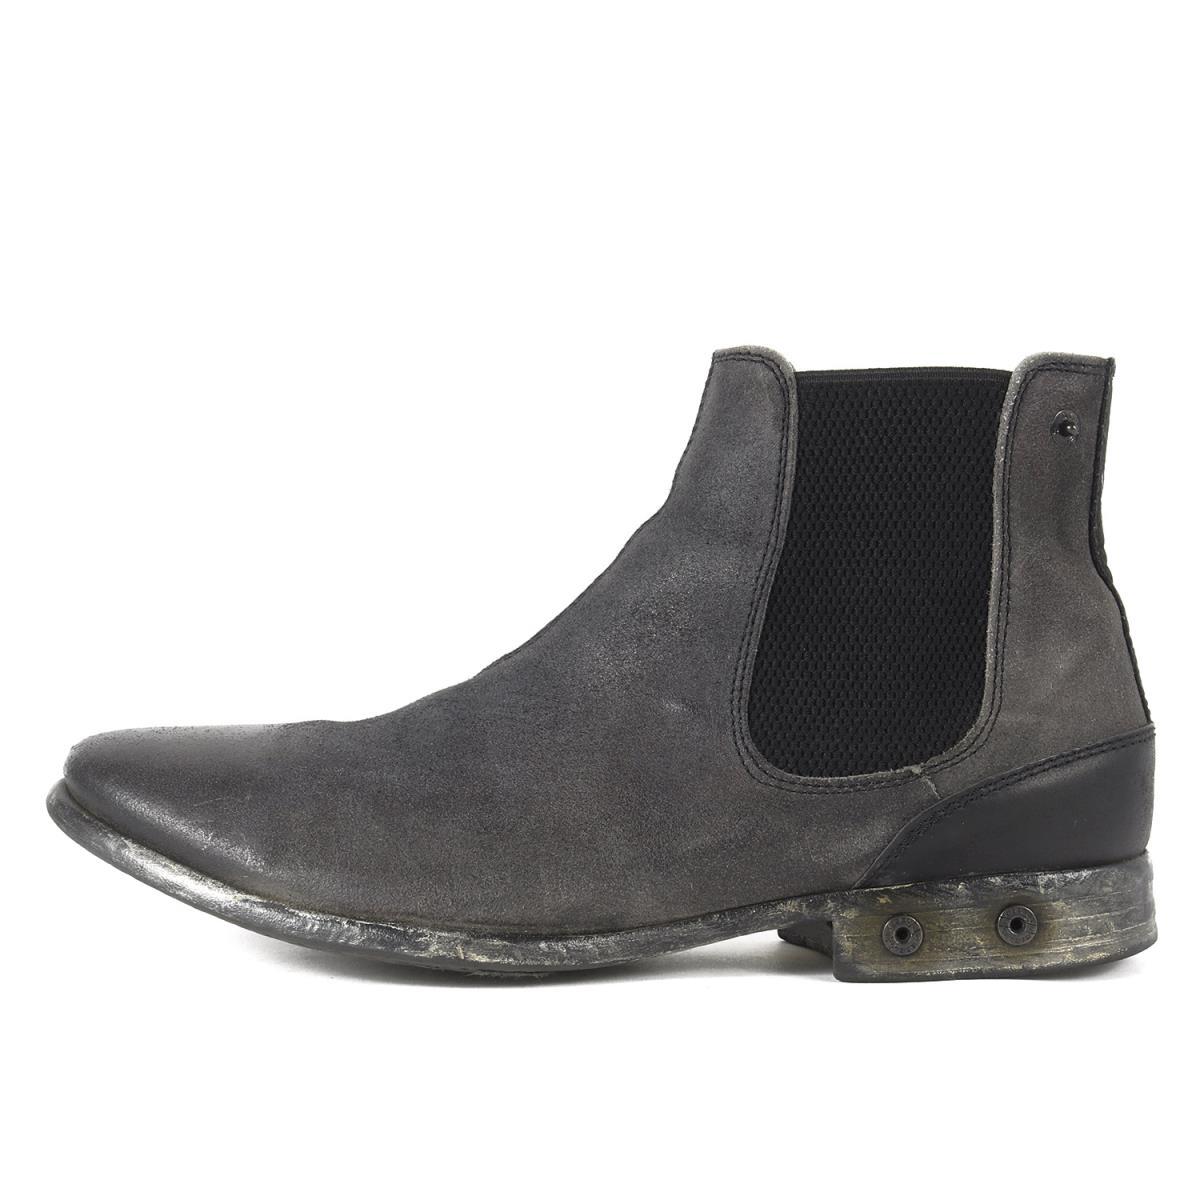 DIESEL ディーゼル ブーツ ヴィンテージ加工レザーサイドゴアショートブーツ ウォッシュドブラック 42 【メンズ】【中古】【K2553】